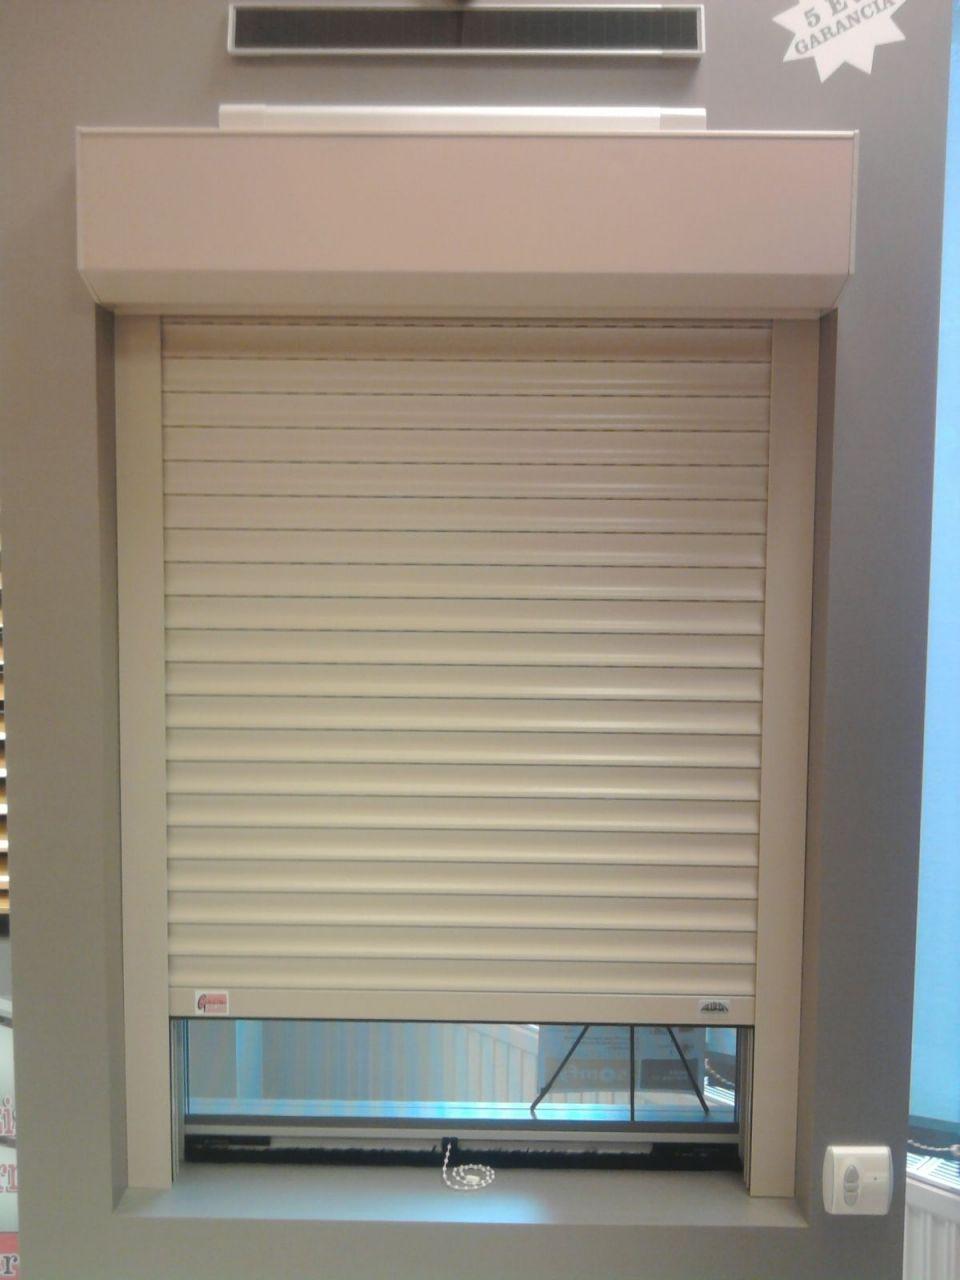 120x120 cm ANTE PLUSZ KOMBI alumínium előtét redőny, szúnyoghálóval, alumínium lefutó sínnel, alumínium lamellával fehér színben